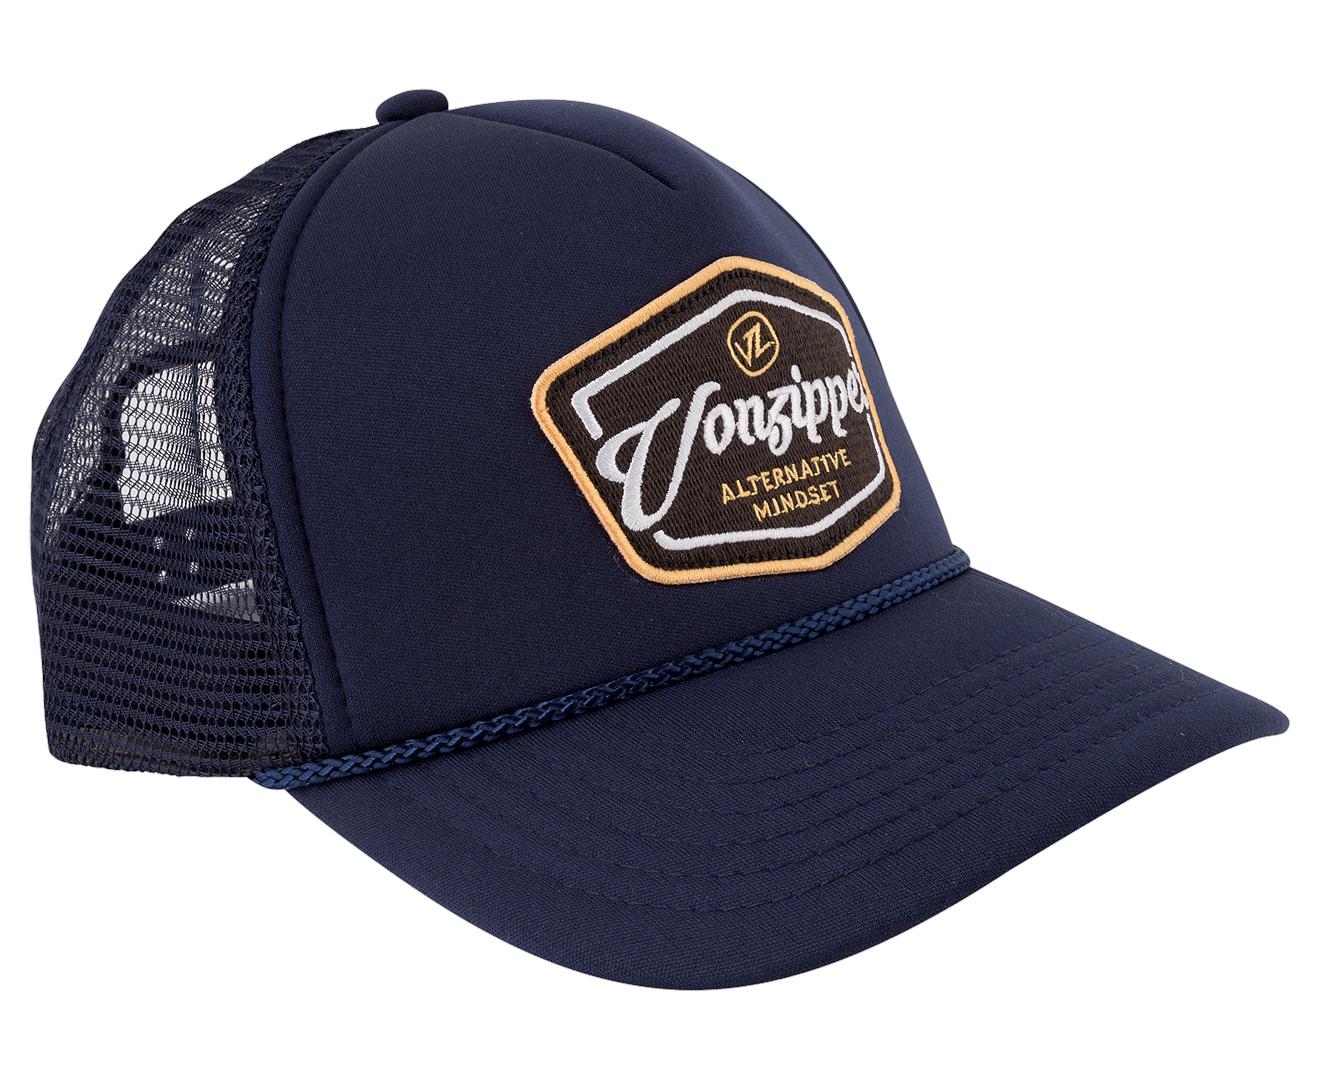 VonZipper Day Out Trucker - Navy  89923812ed0f